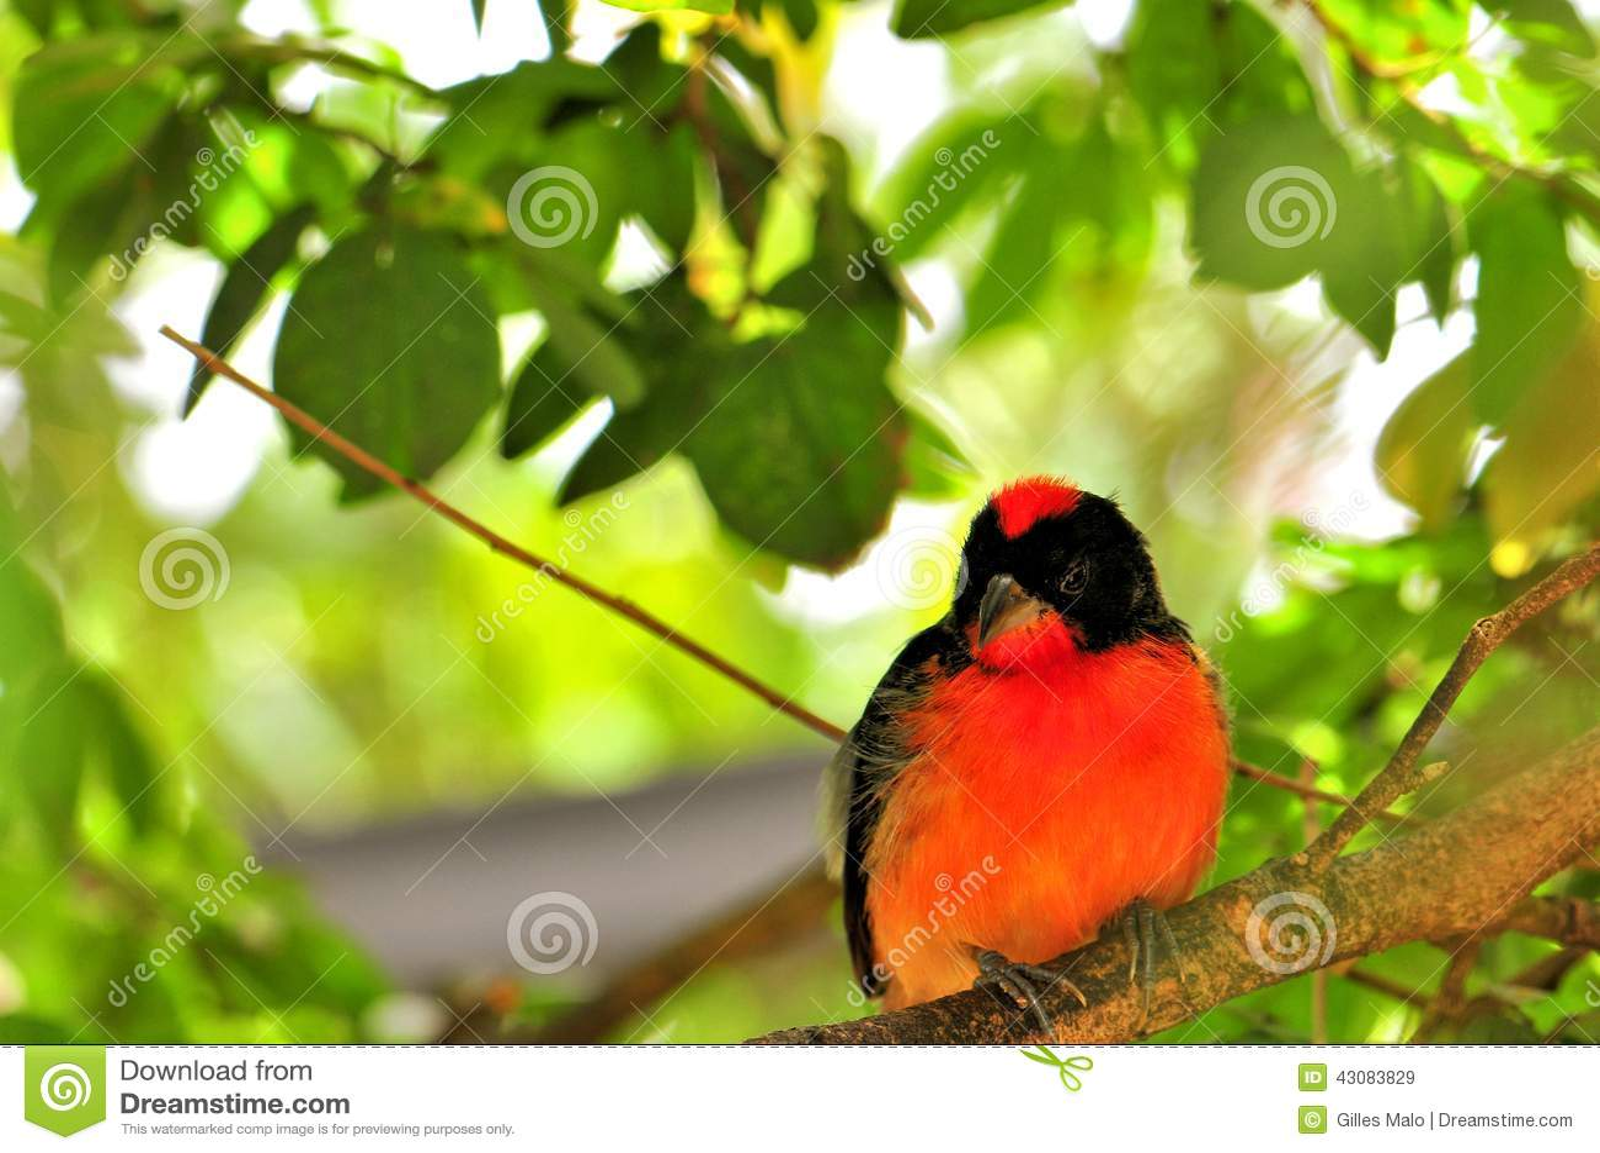 Πορφυρός-Finch το πουλί στο κλουβί